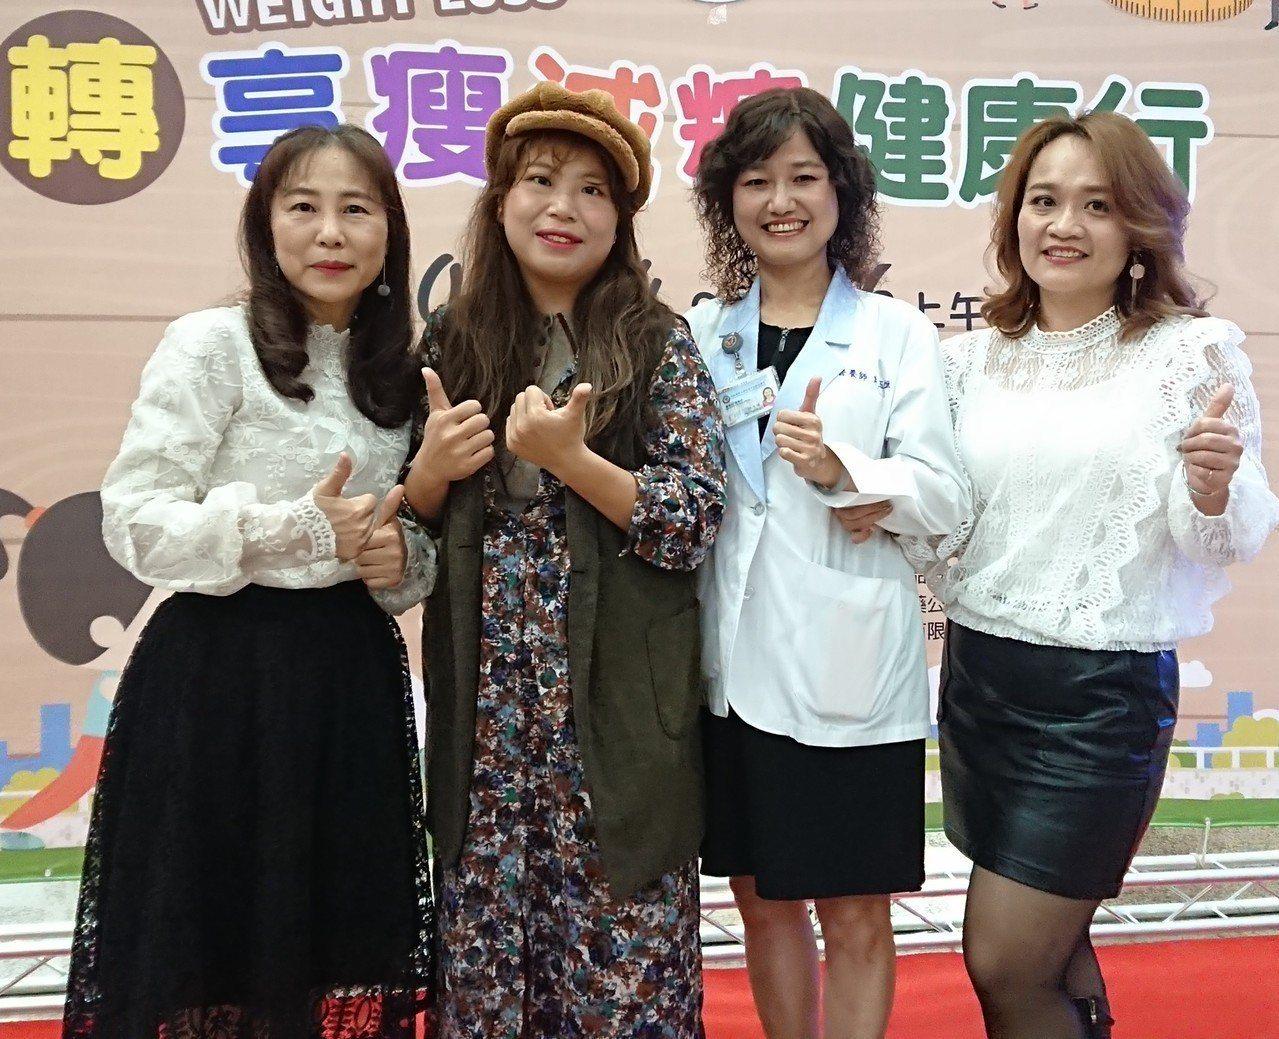 3名女患者在營養師指導調整飲食內容,順利變瘦、變美,她們現身說法,呼籲民眾減肥不...